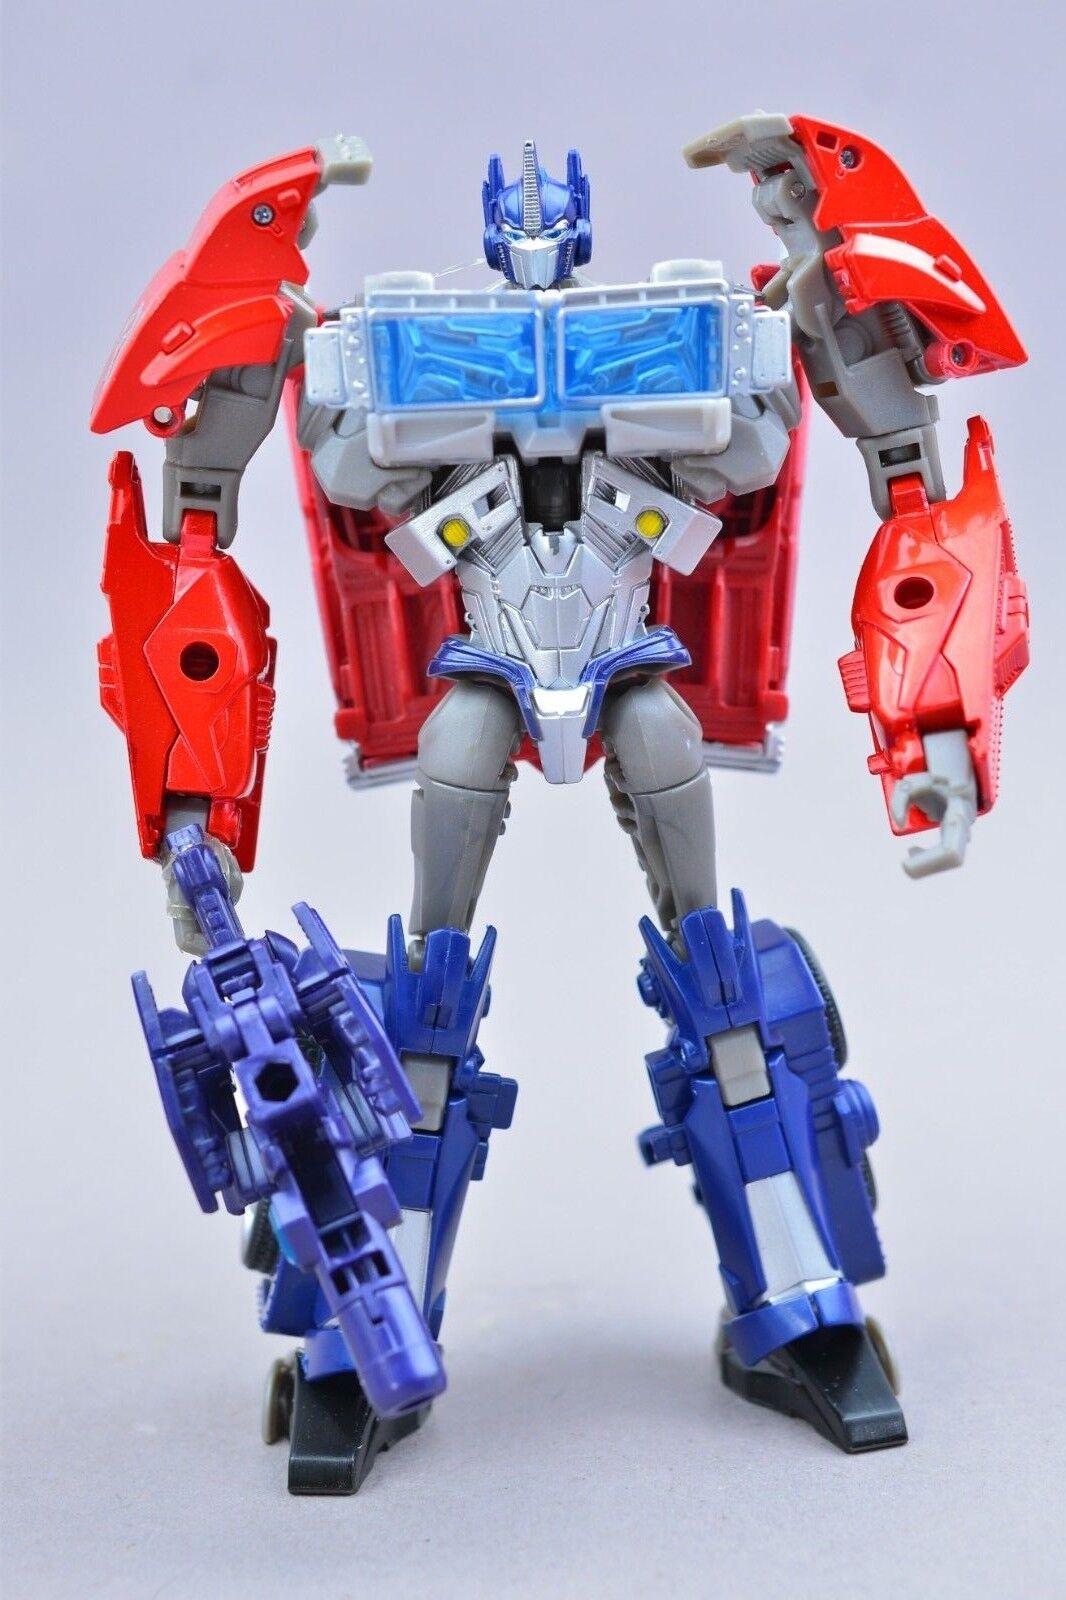 Transformers Braccio Micron Optimus Prime Completo Gaia Unicron Versione